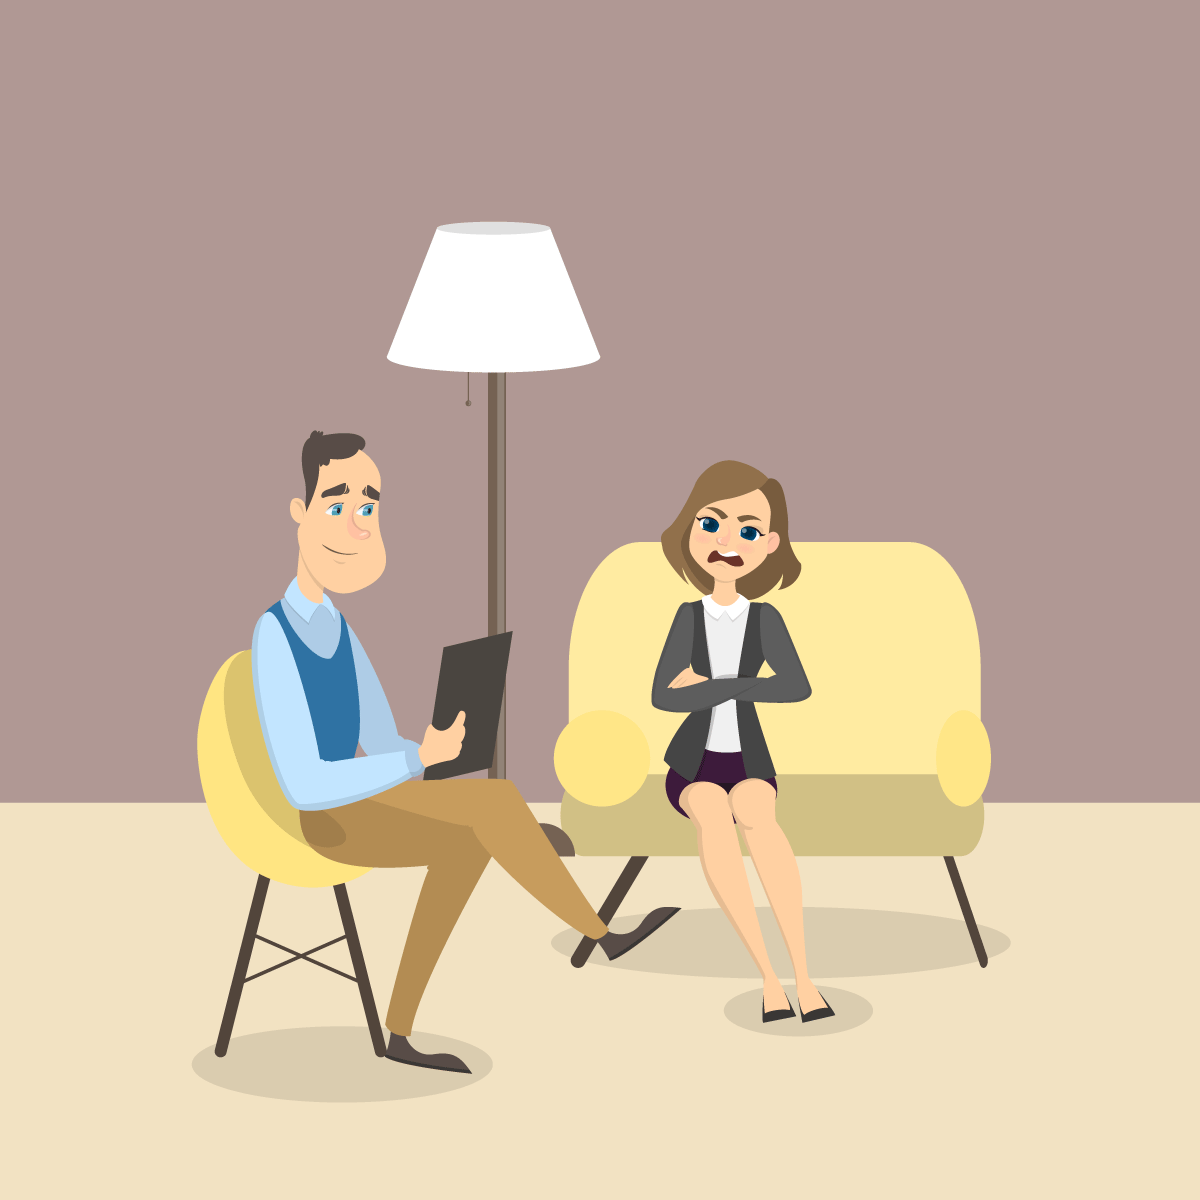 Анекдот про женщину, пришедшую к психологу с серьёзной проблемой